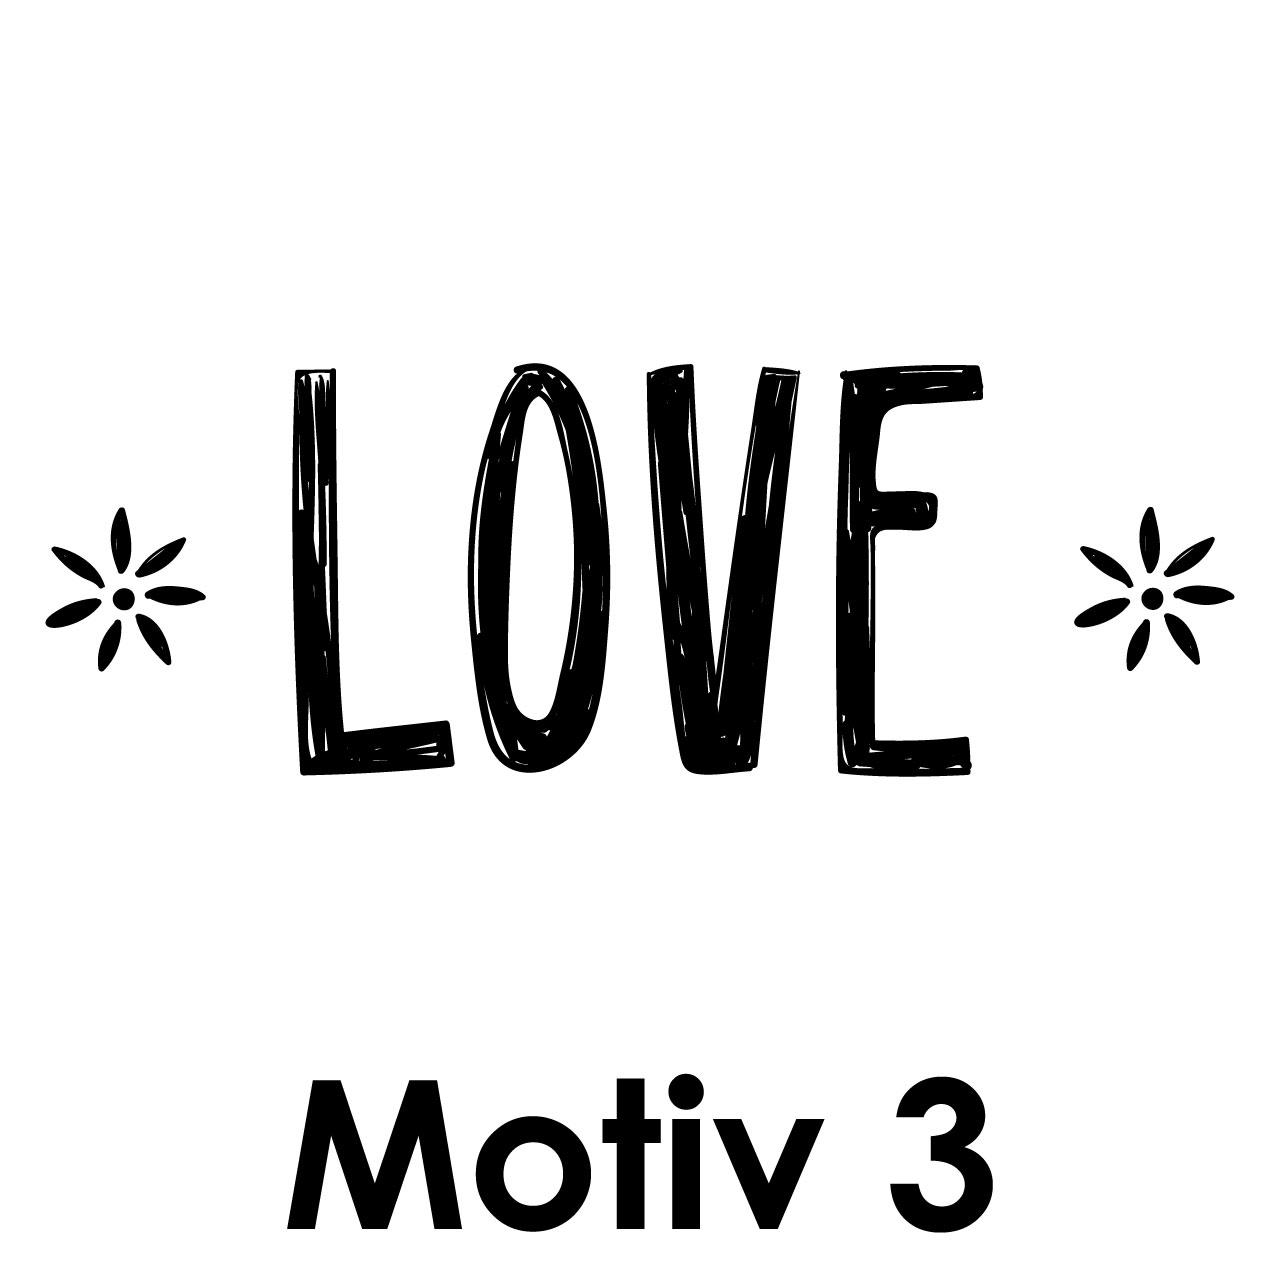 Motiv3